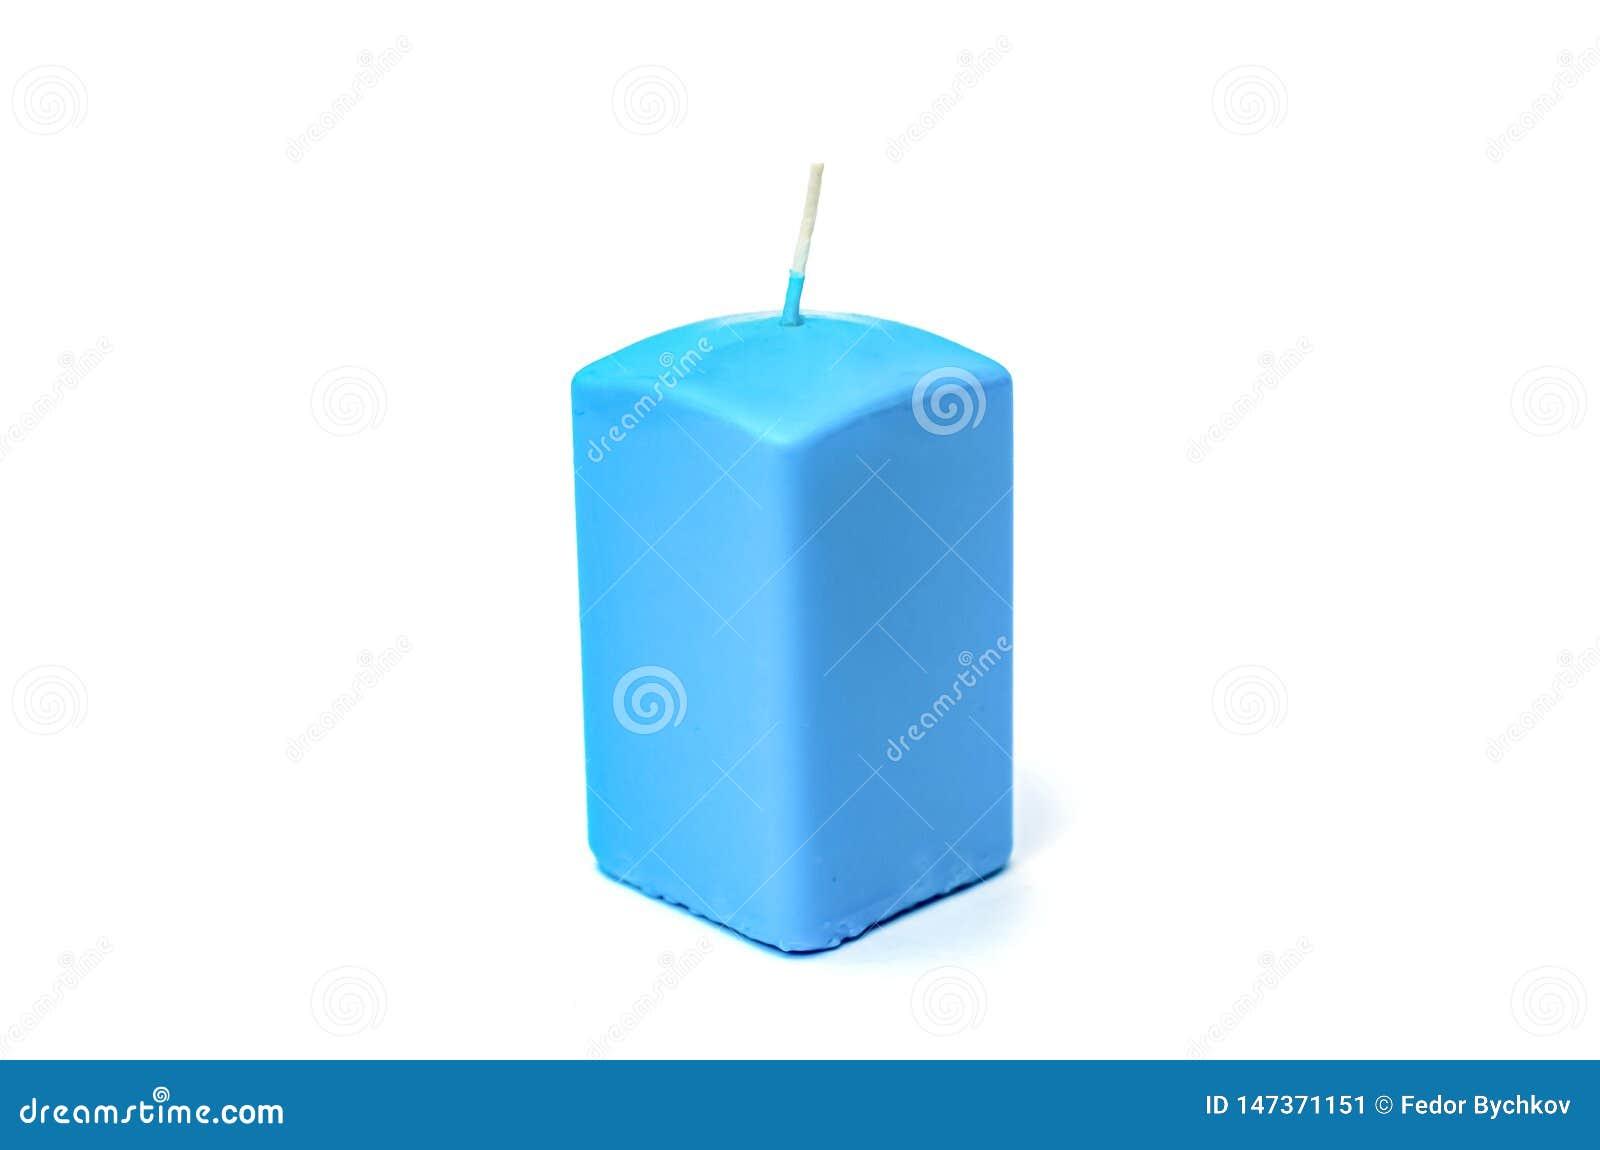 Blauwe rechthoekige kaars voor een vakantie